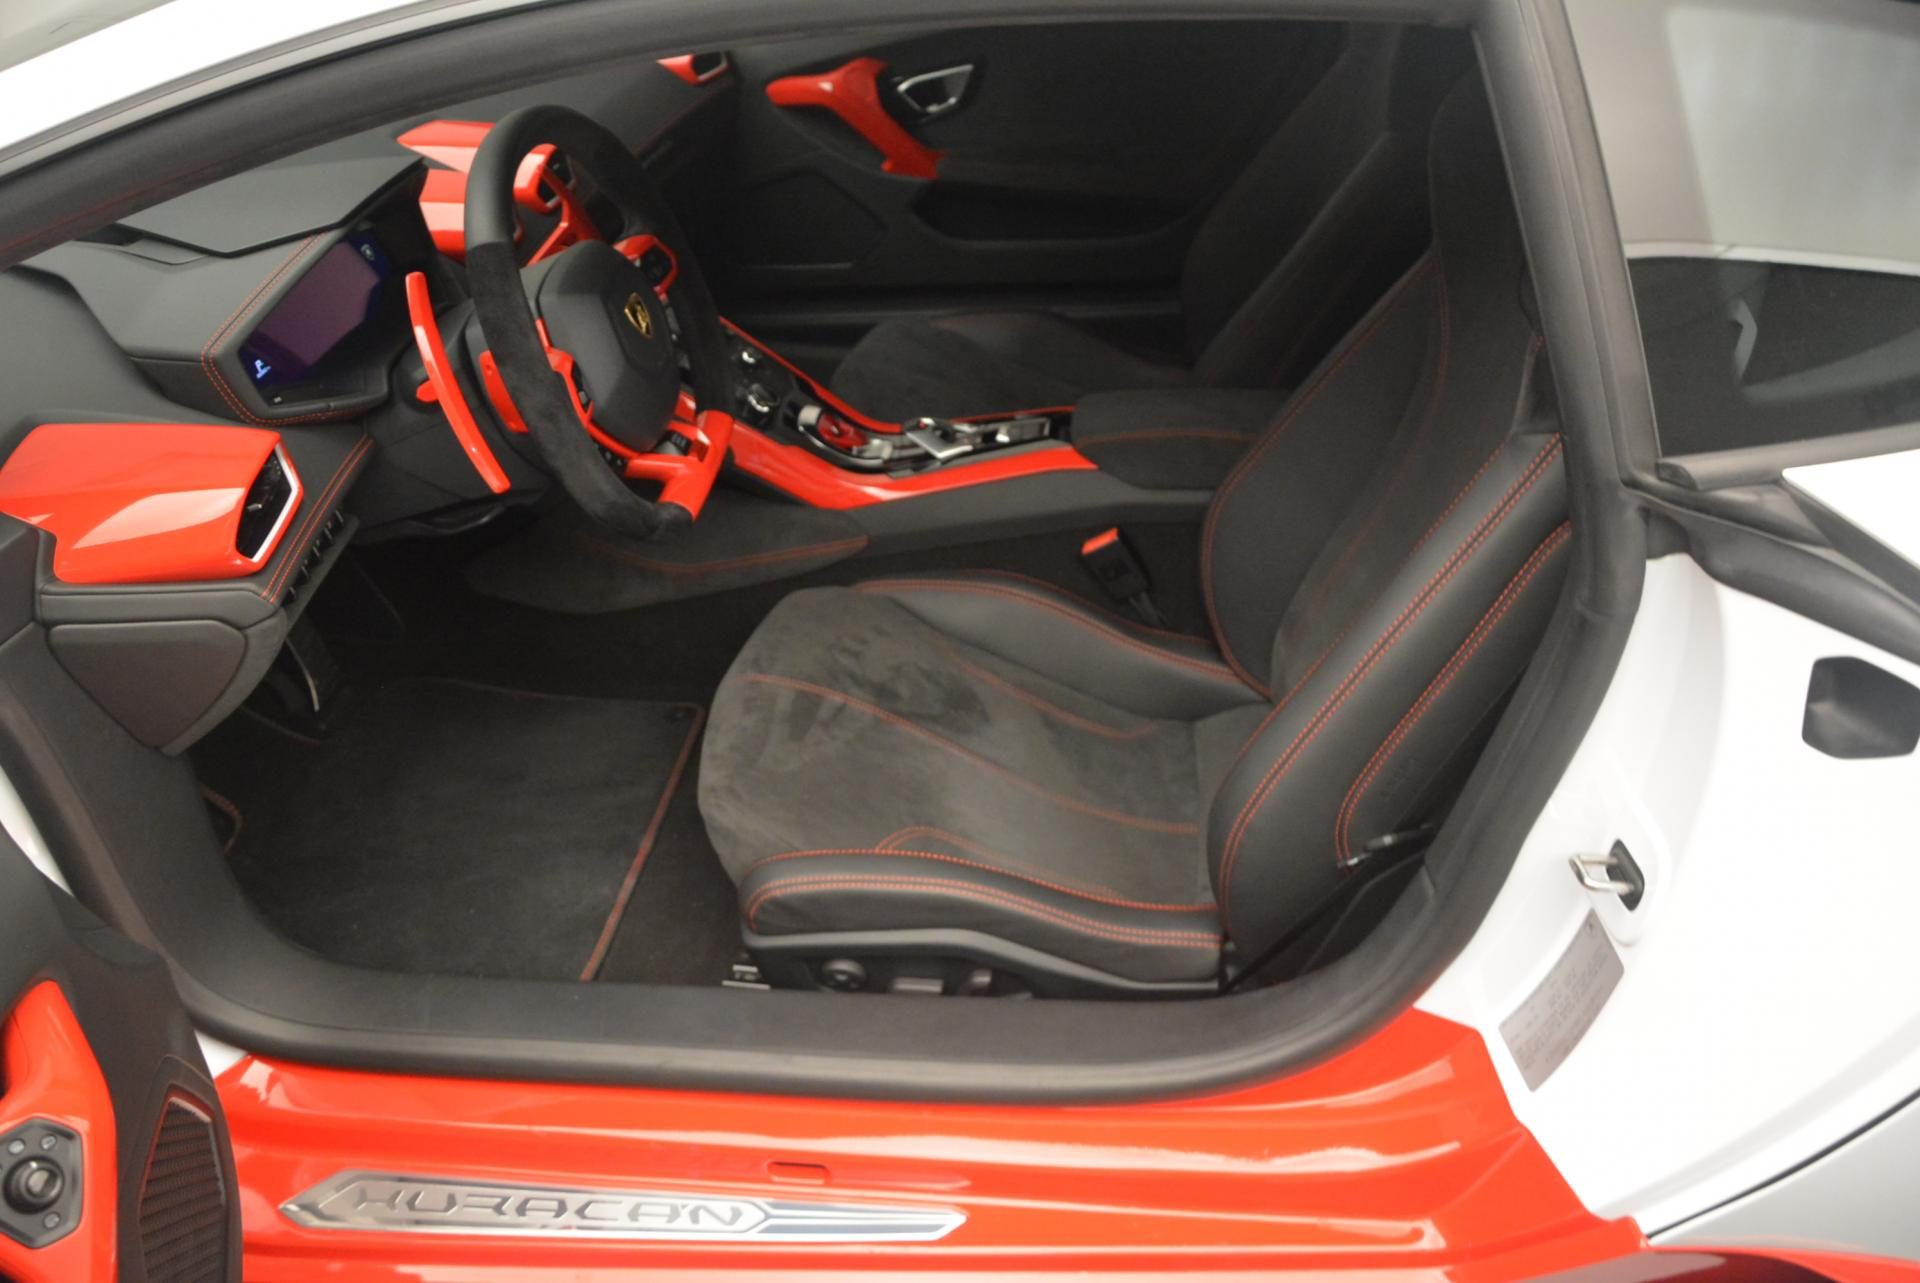 Used 2015 Lamborghini Huracan LP610-4 For Sale In Westport, CT 114_p15